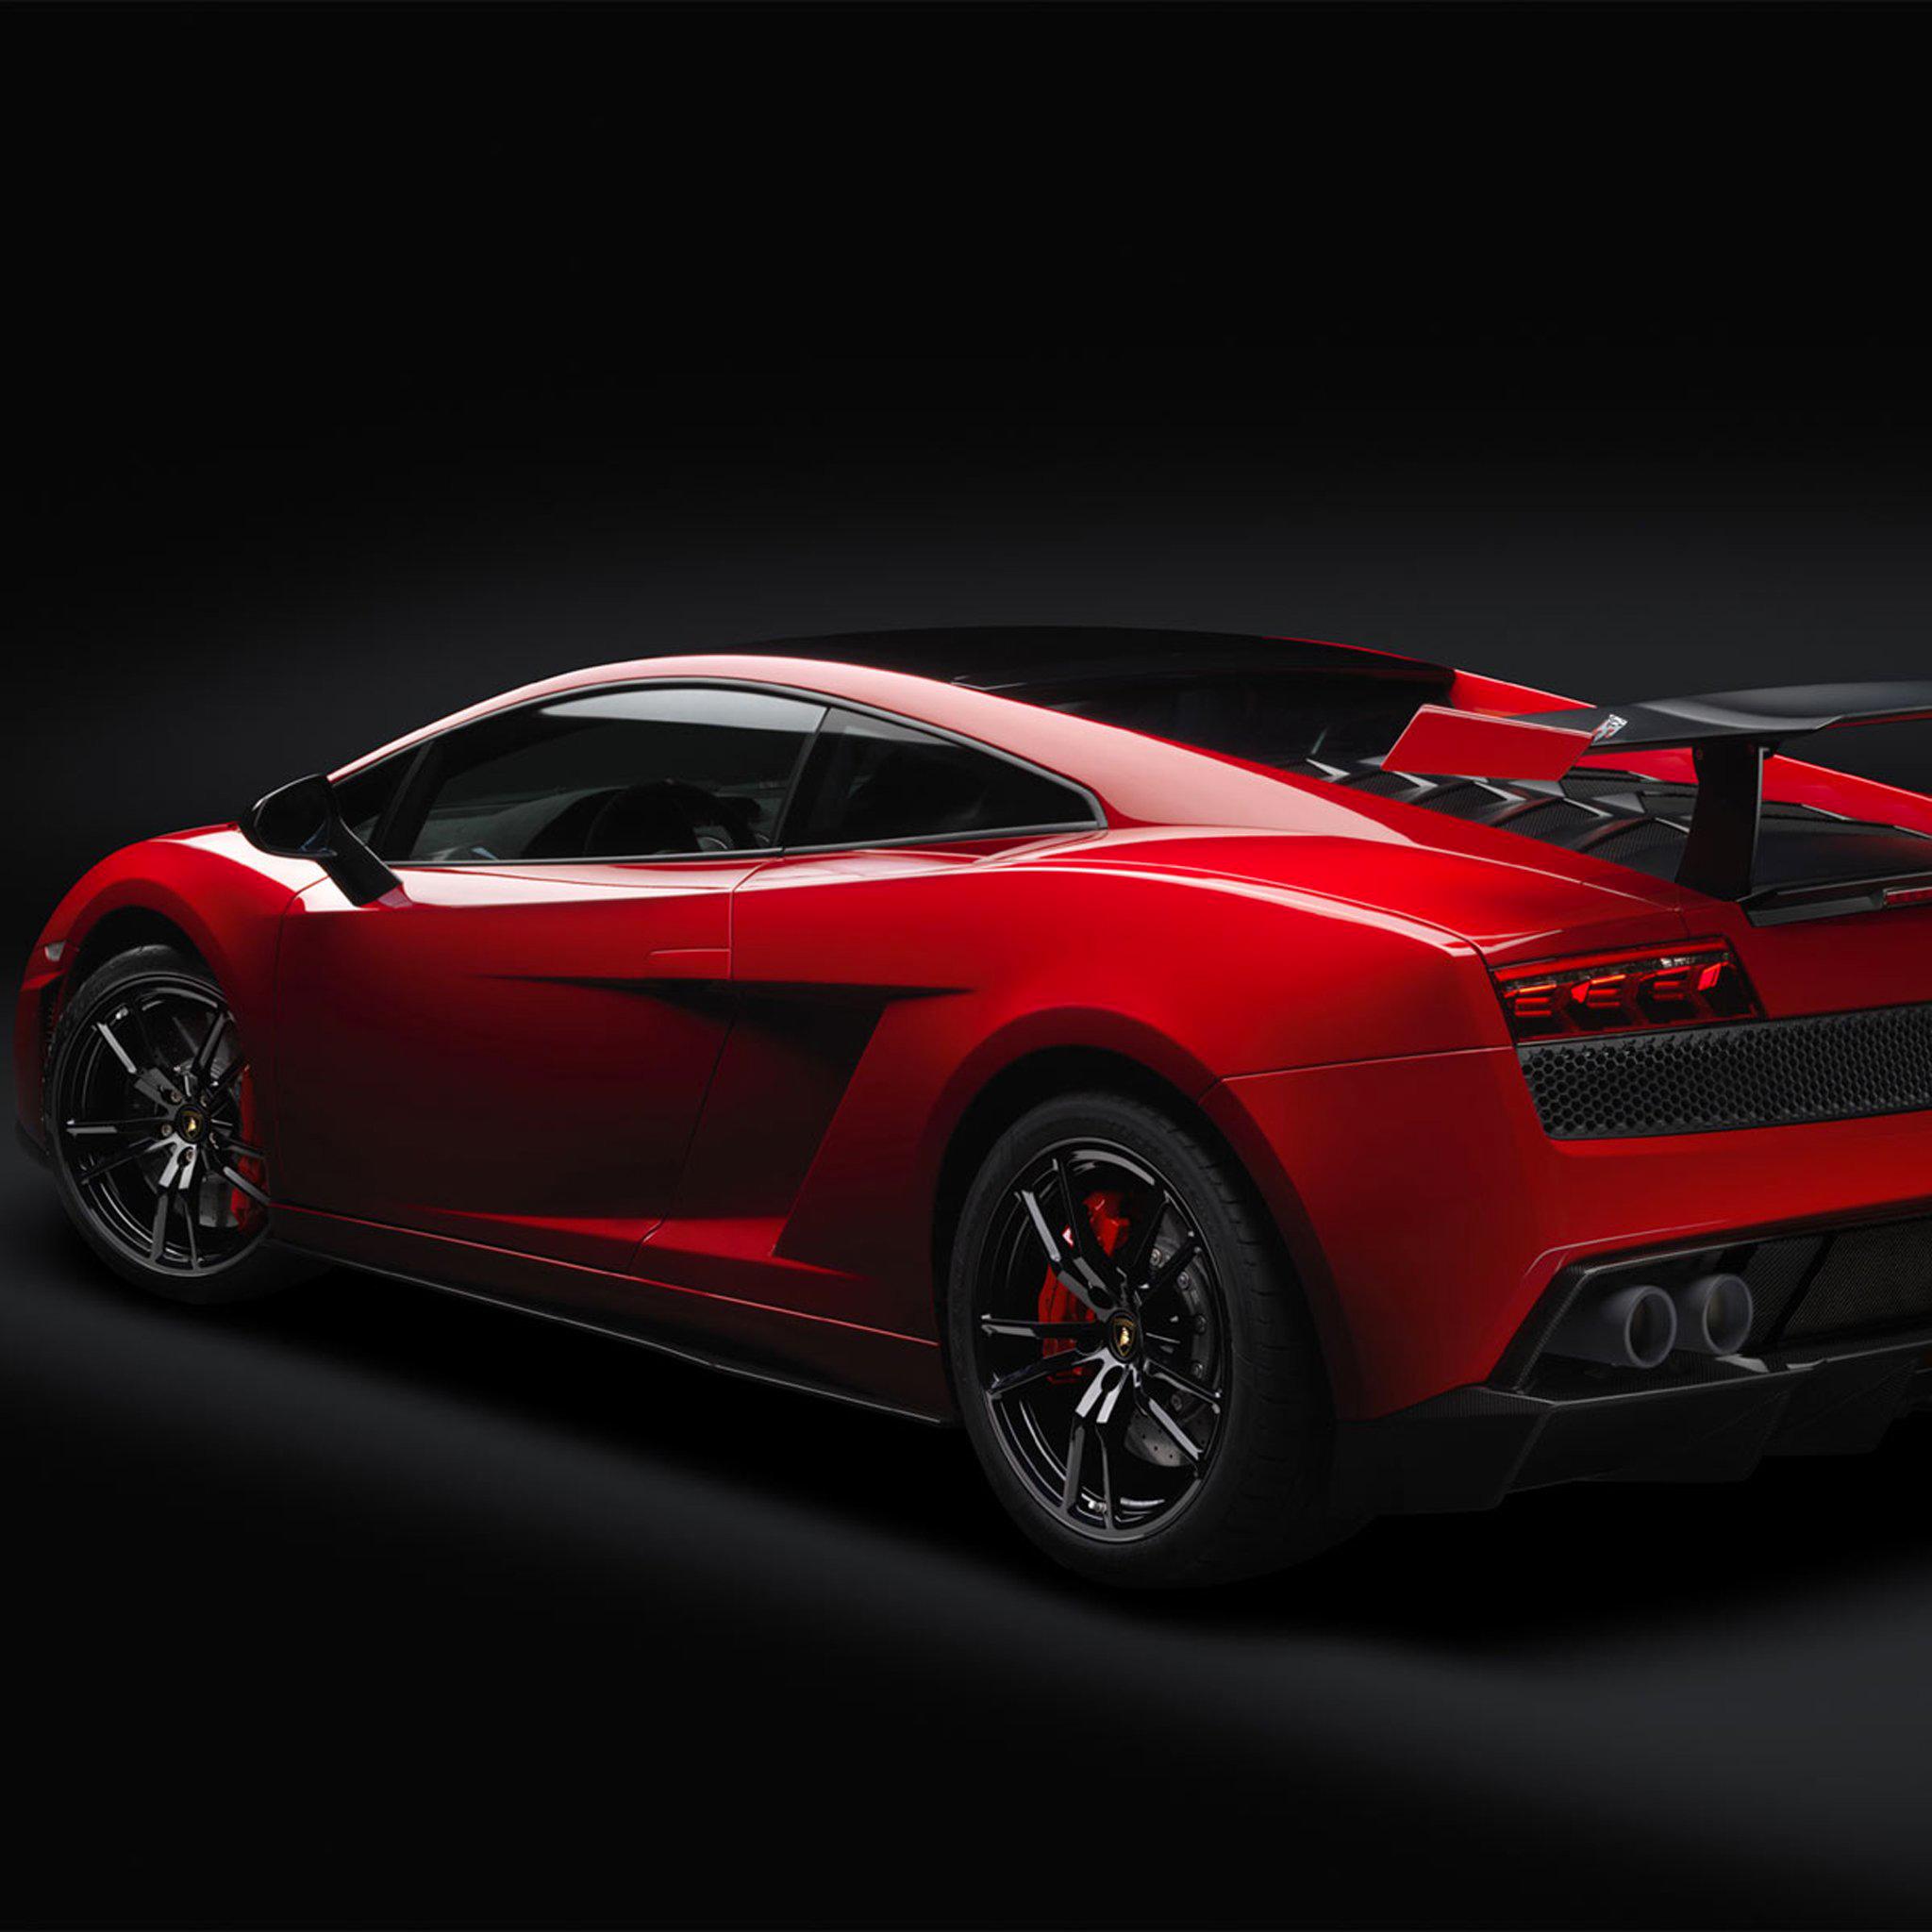 Lamborghini-Gallardo-Lp570-3Wallpapers-iPad-Retina